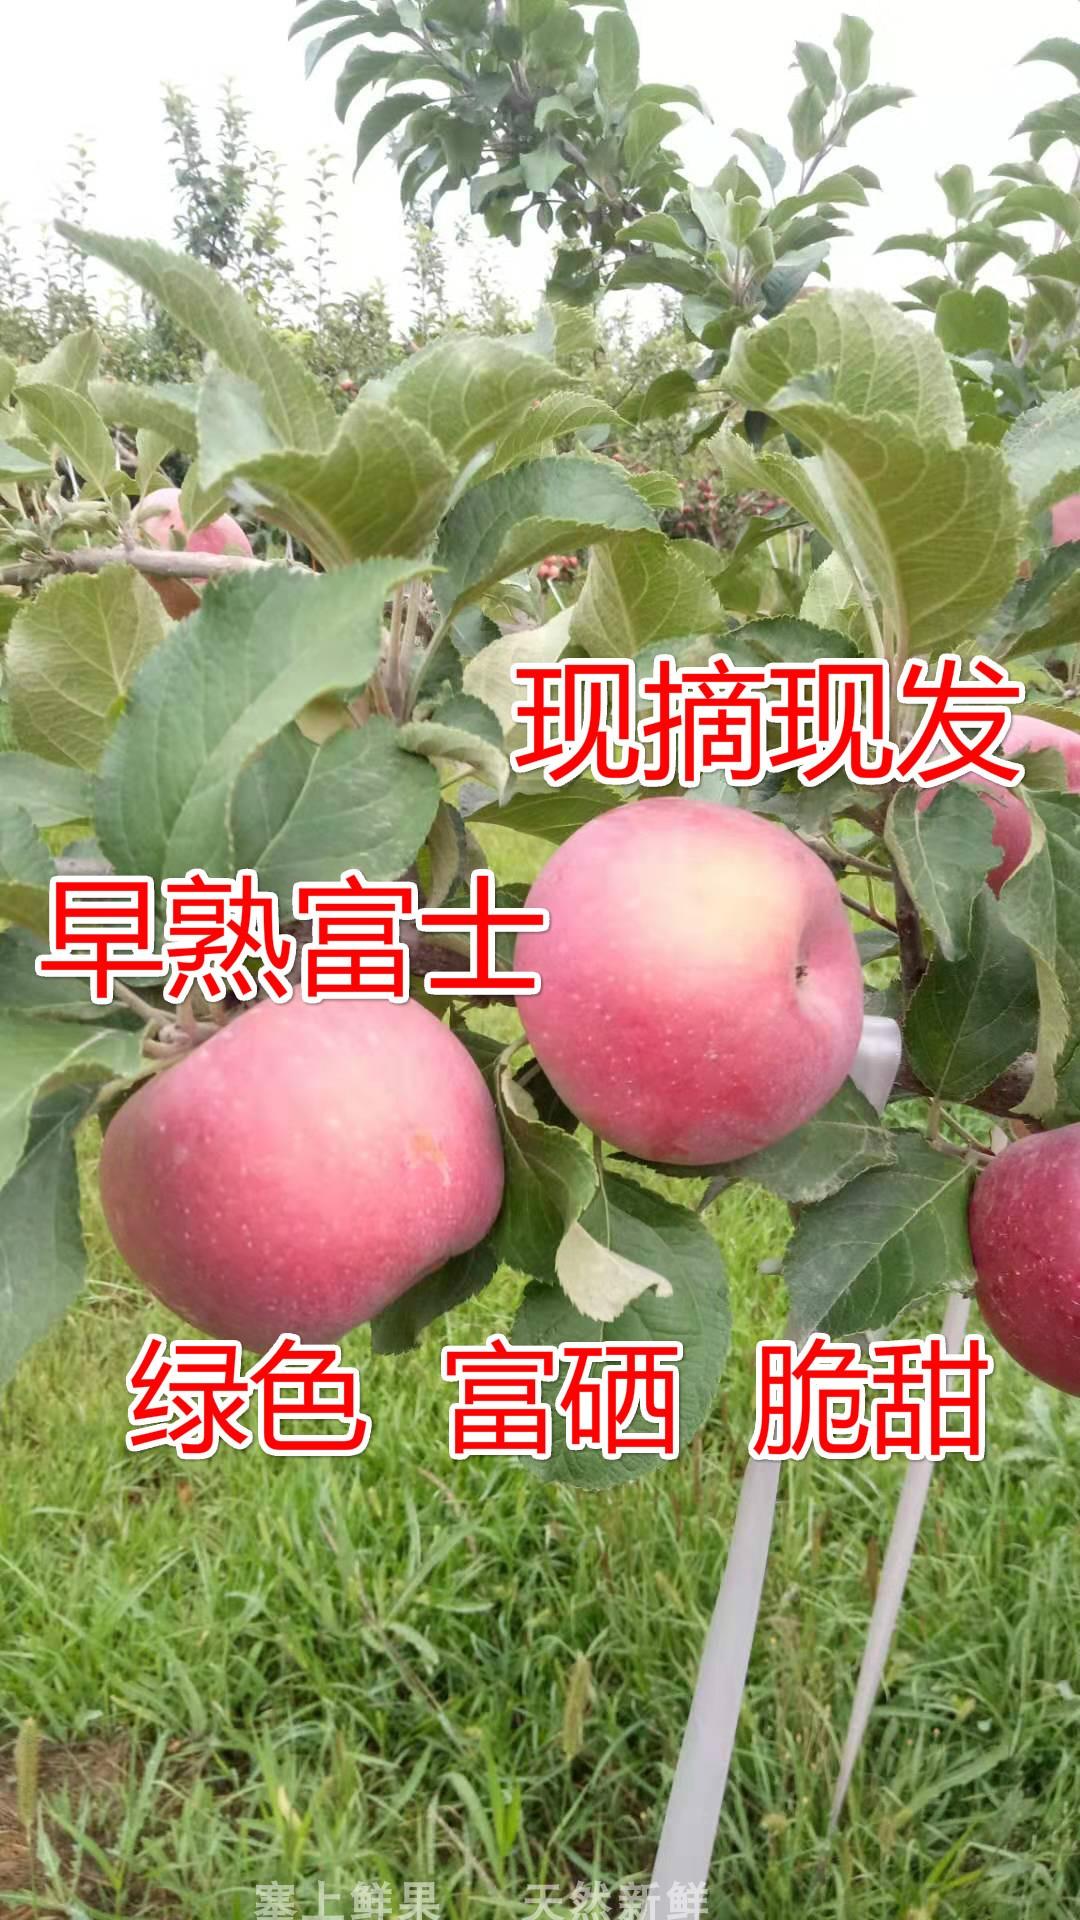 宁夏新鲜水果早熟富士脆甜绿色果蔬富硒阳光果口感好丑苹果树上熟